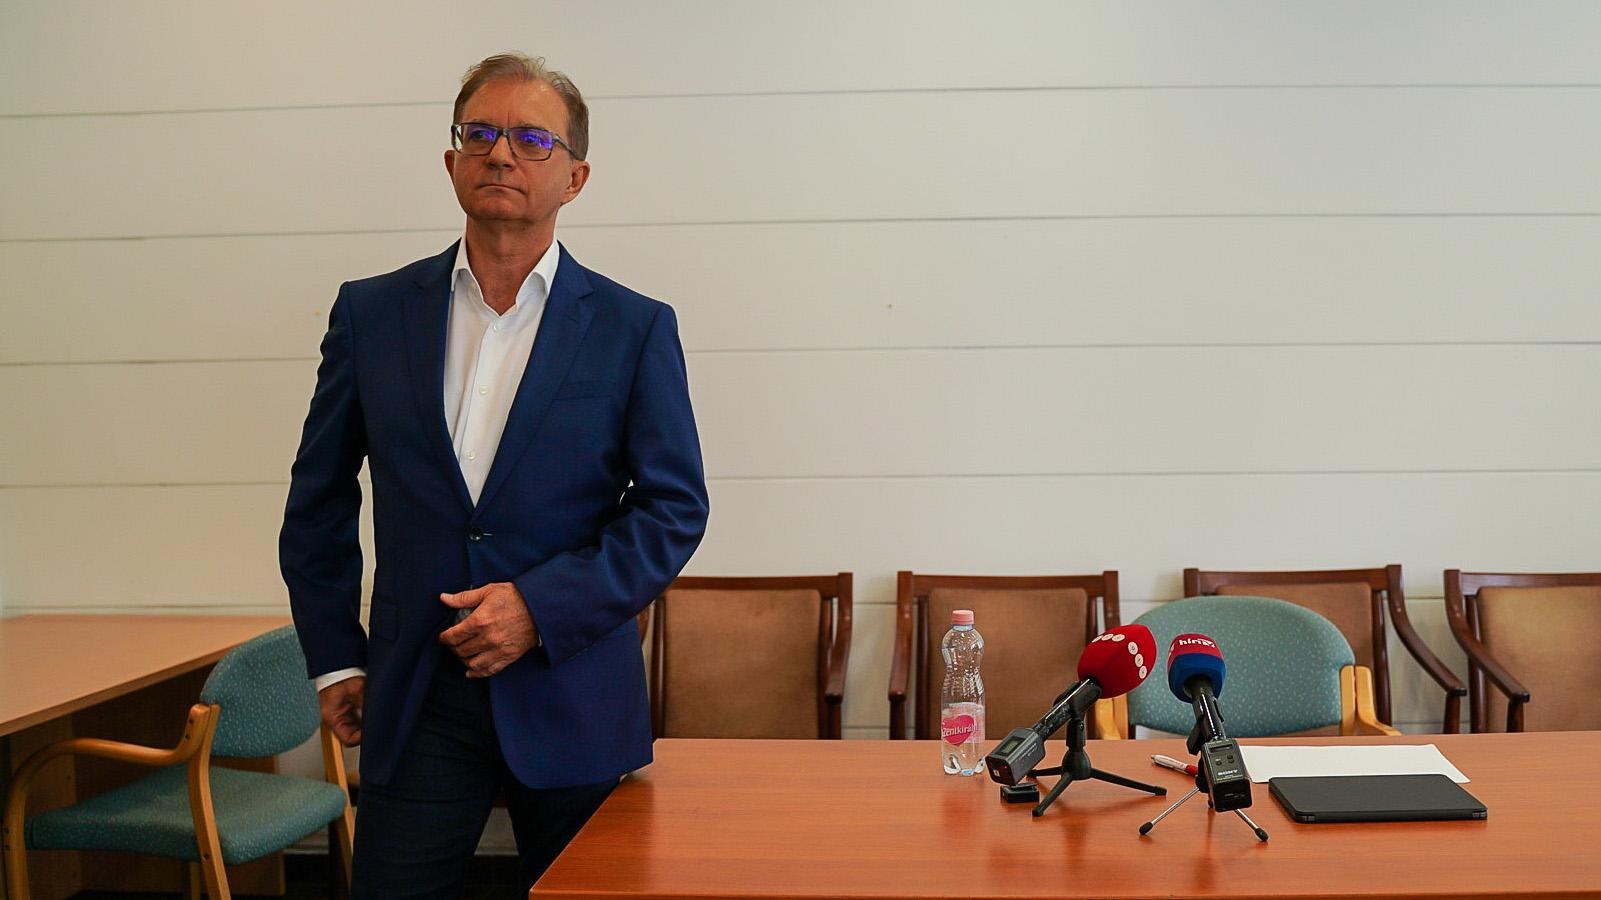 Jobban megérte már elengedni - Tóth Csaba utolsó napjai a kampányban